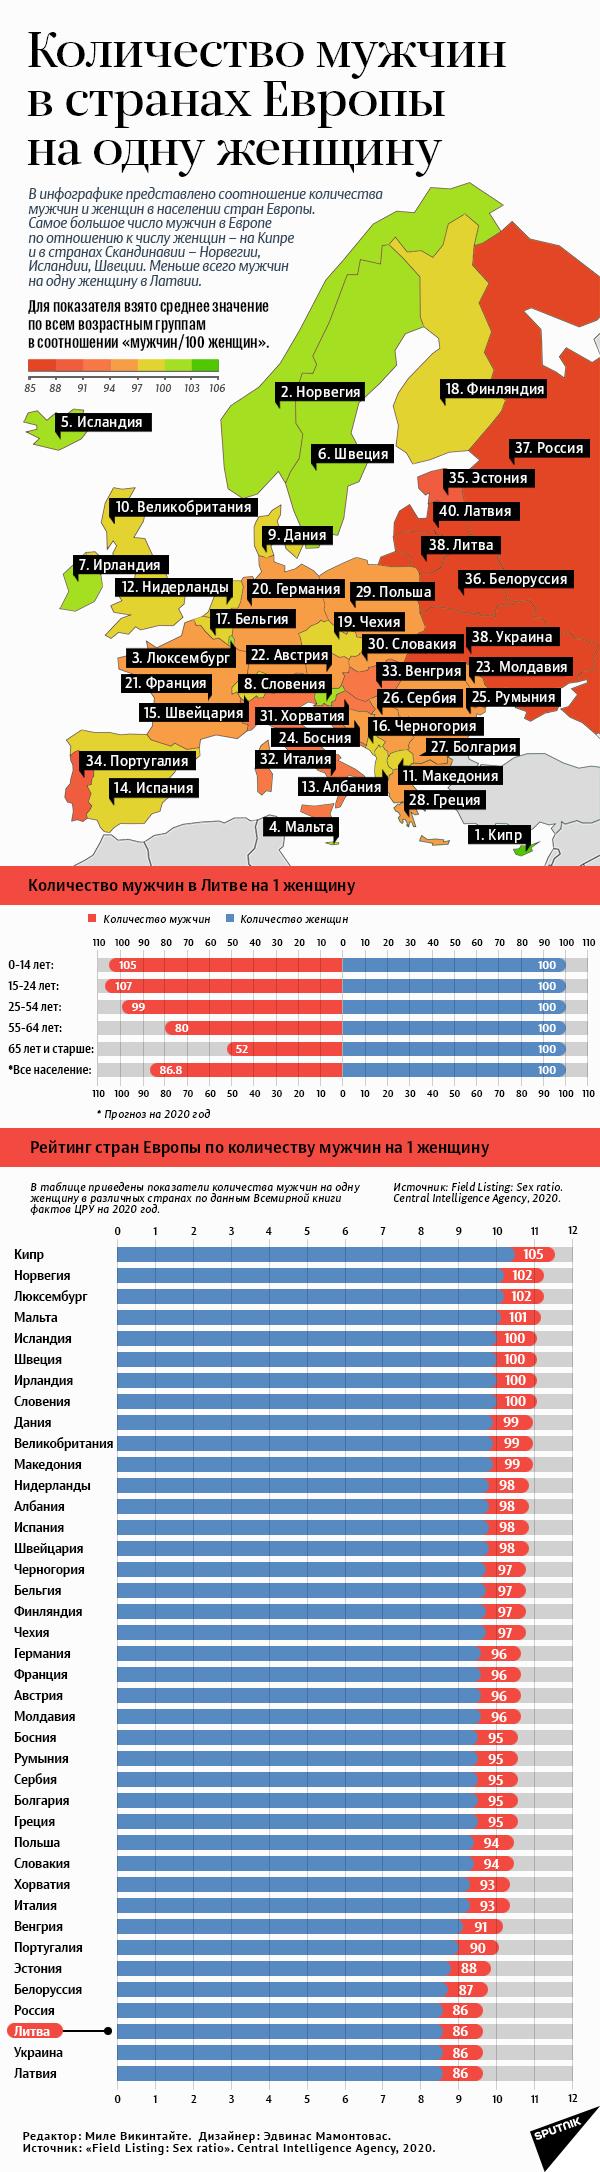 Количество мужчин в странах Европы на одну женщину - Sputnik Грузия, 1920, 10.03.2021